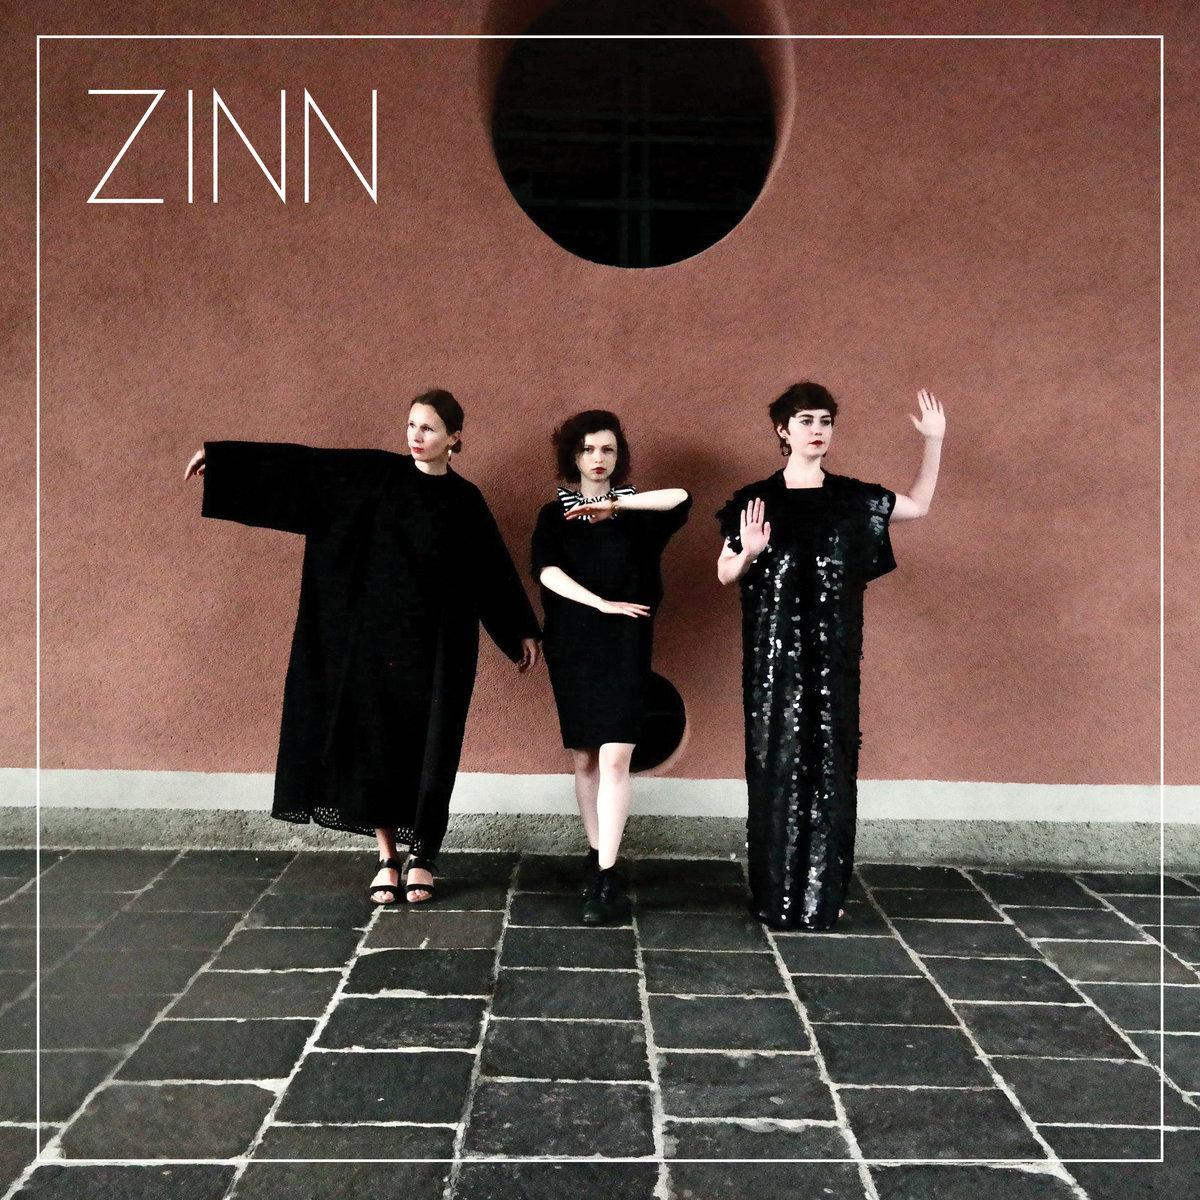 Zinn - Zinn